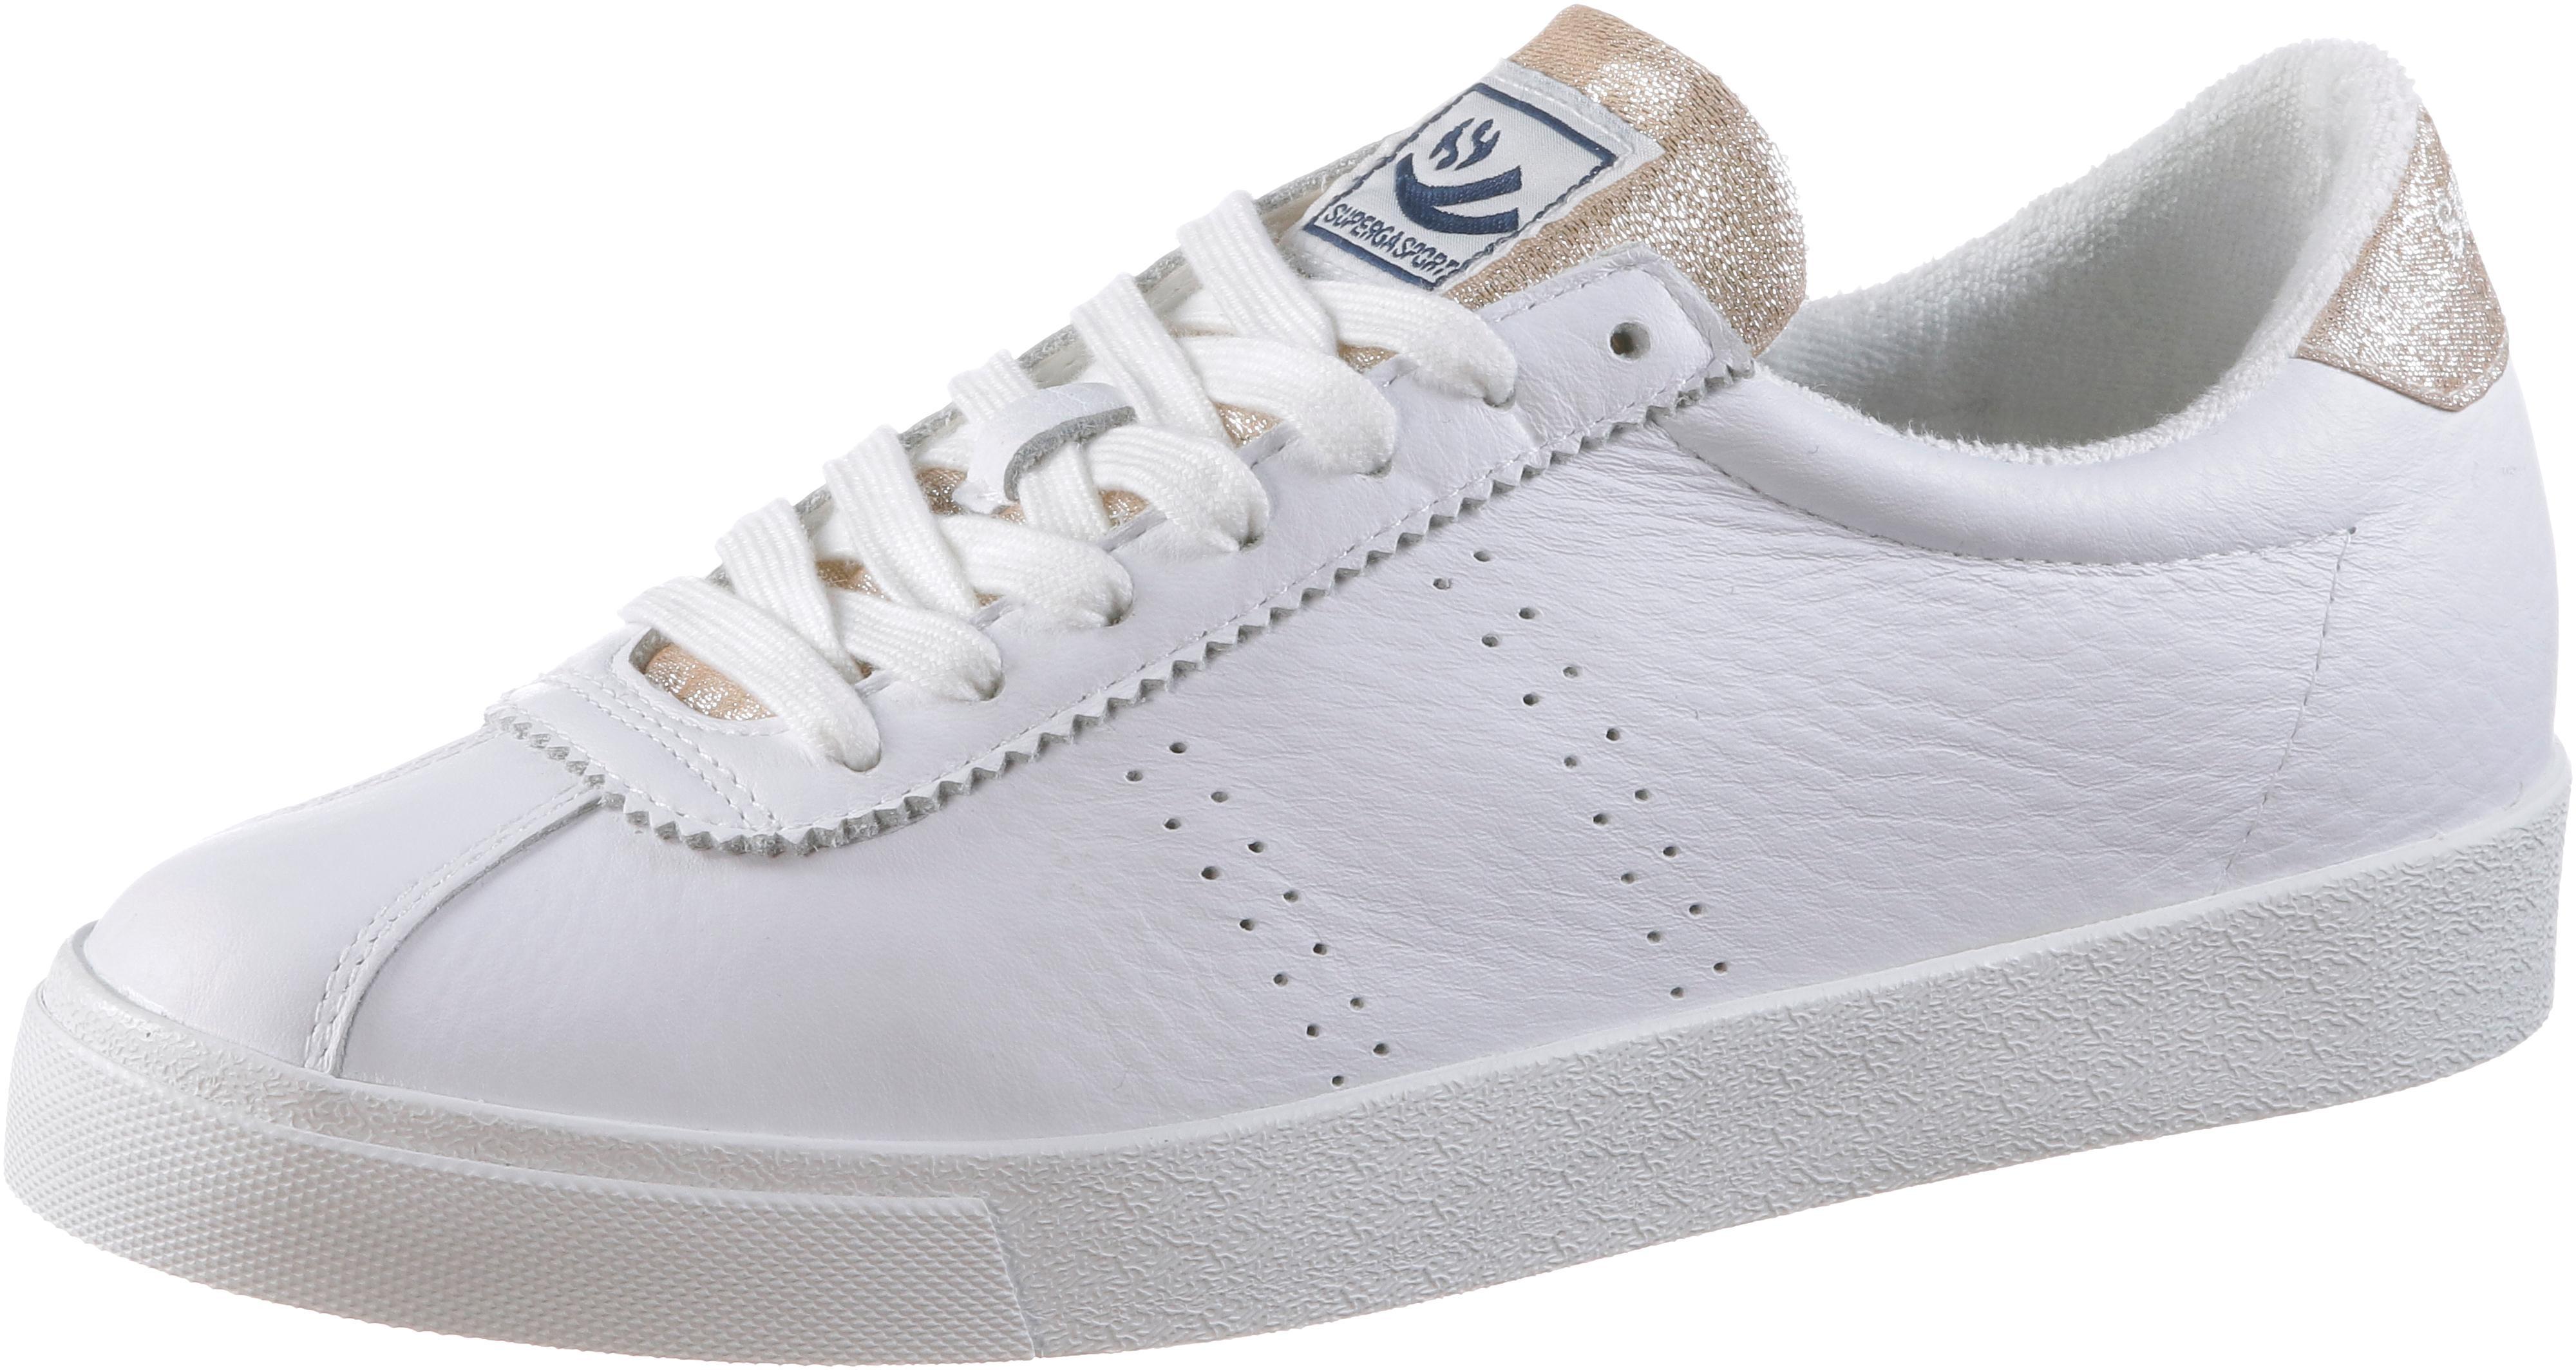 Superga COMFLEALAME Turnschuhe Turnschuhe Turnschuhe Damen Silber im Online Shop von SportScheck kaufen Gute Qualität beliebte Schuhe ebf43d